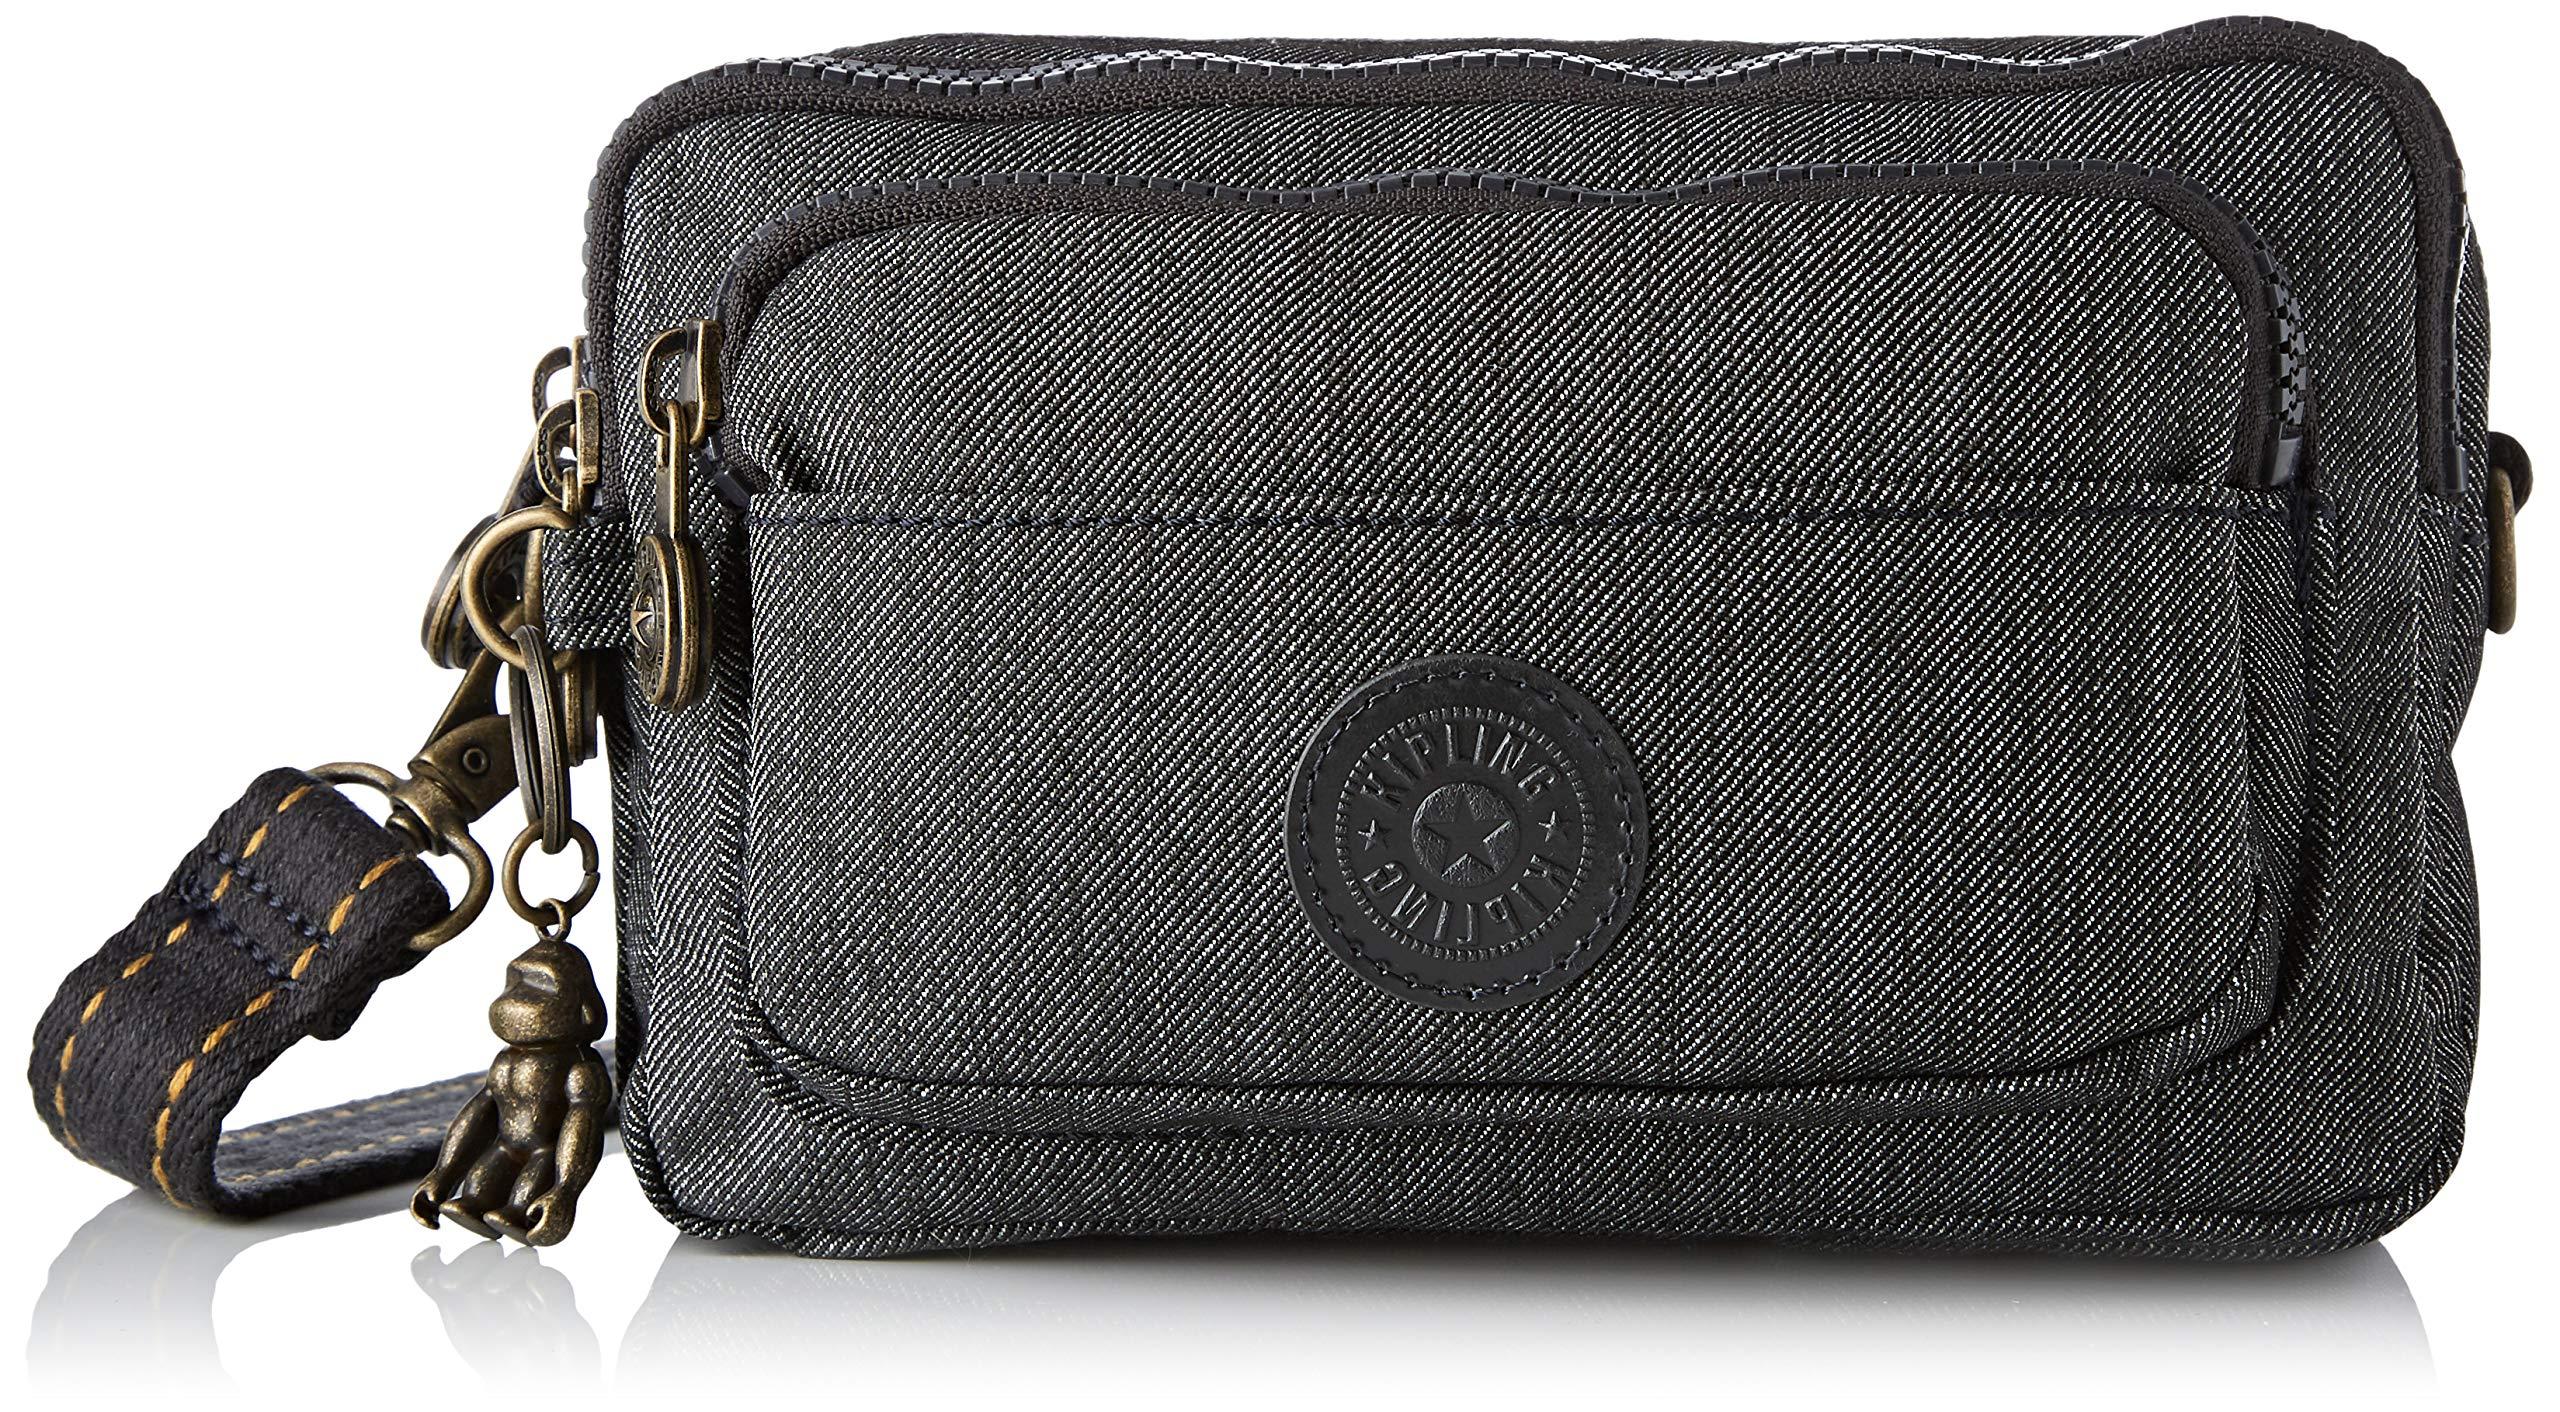 Bangle009 Big Promotion 4 Pcs//Set Women Faux Leather Cross Body Shoulder Bag Handbag Card Holder Clutch Black